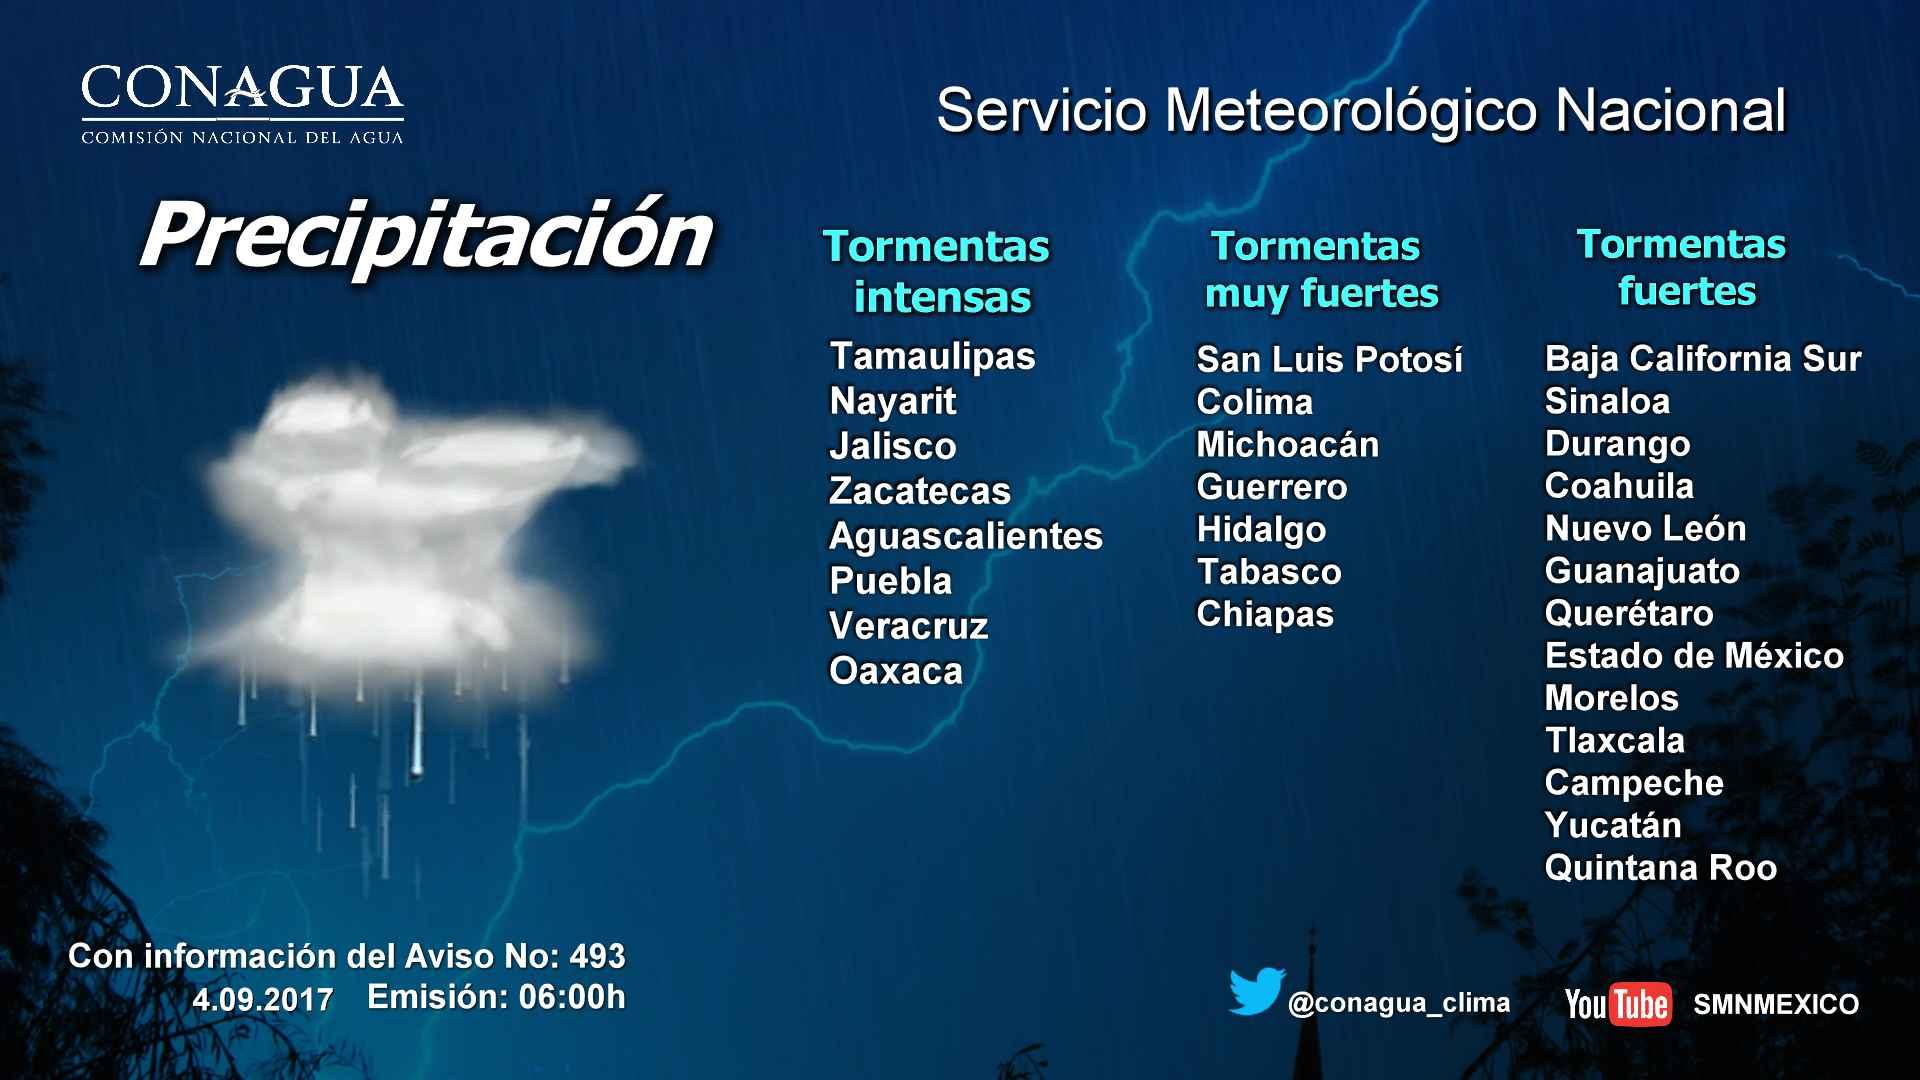 Se prevén intervalos de chubascos con tormentas fuertes para Tlaxcala